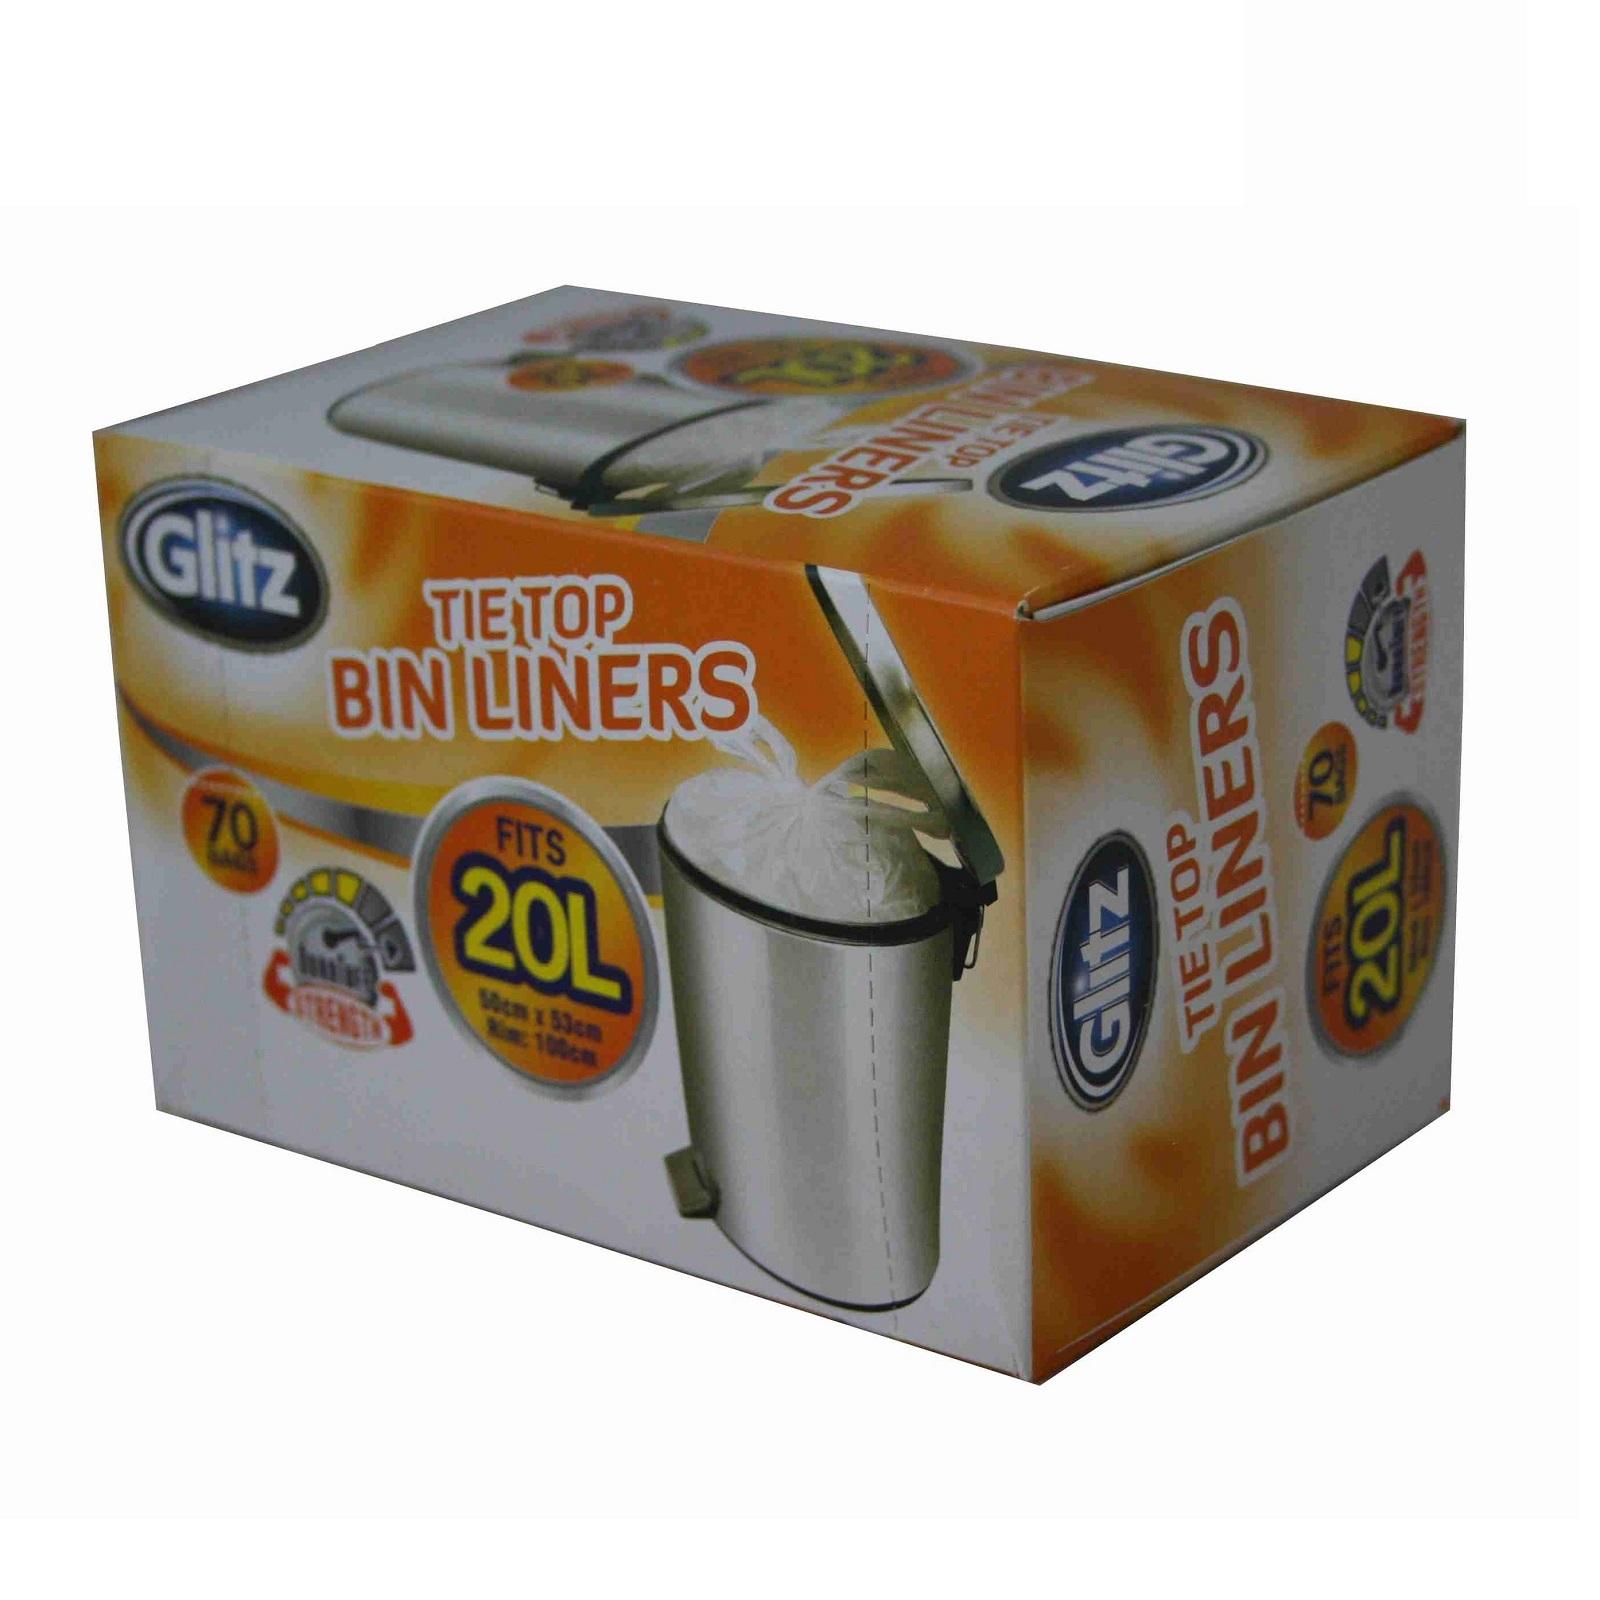 Glitz 20L Small Kitchen Bin Liners - 70 Pack